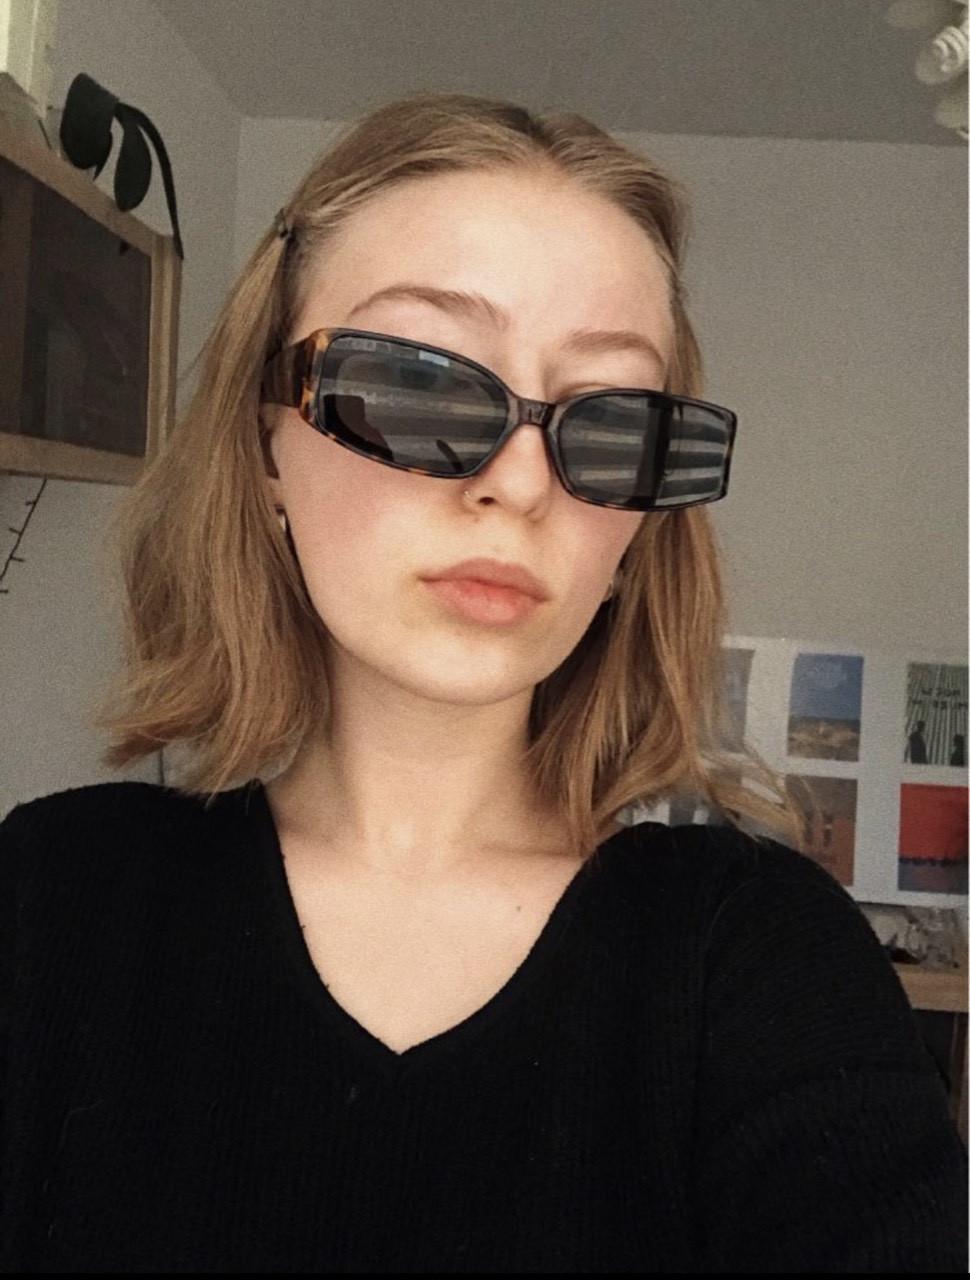 Хипстерские квадратные очки 24401tezOh